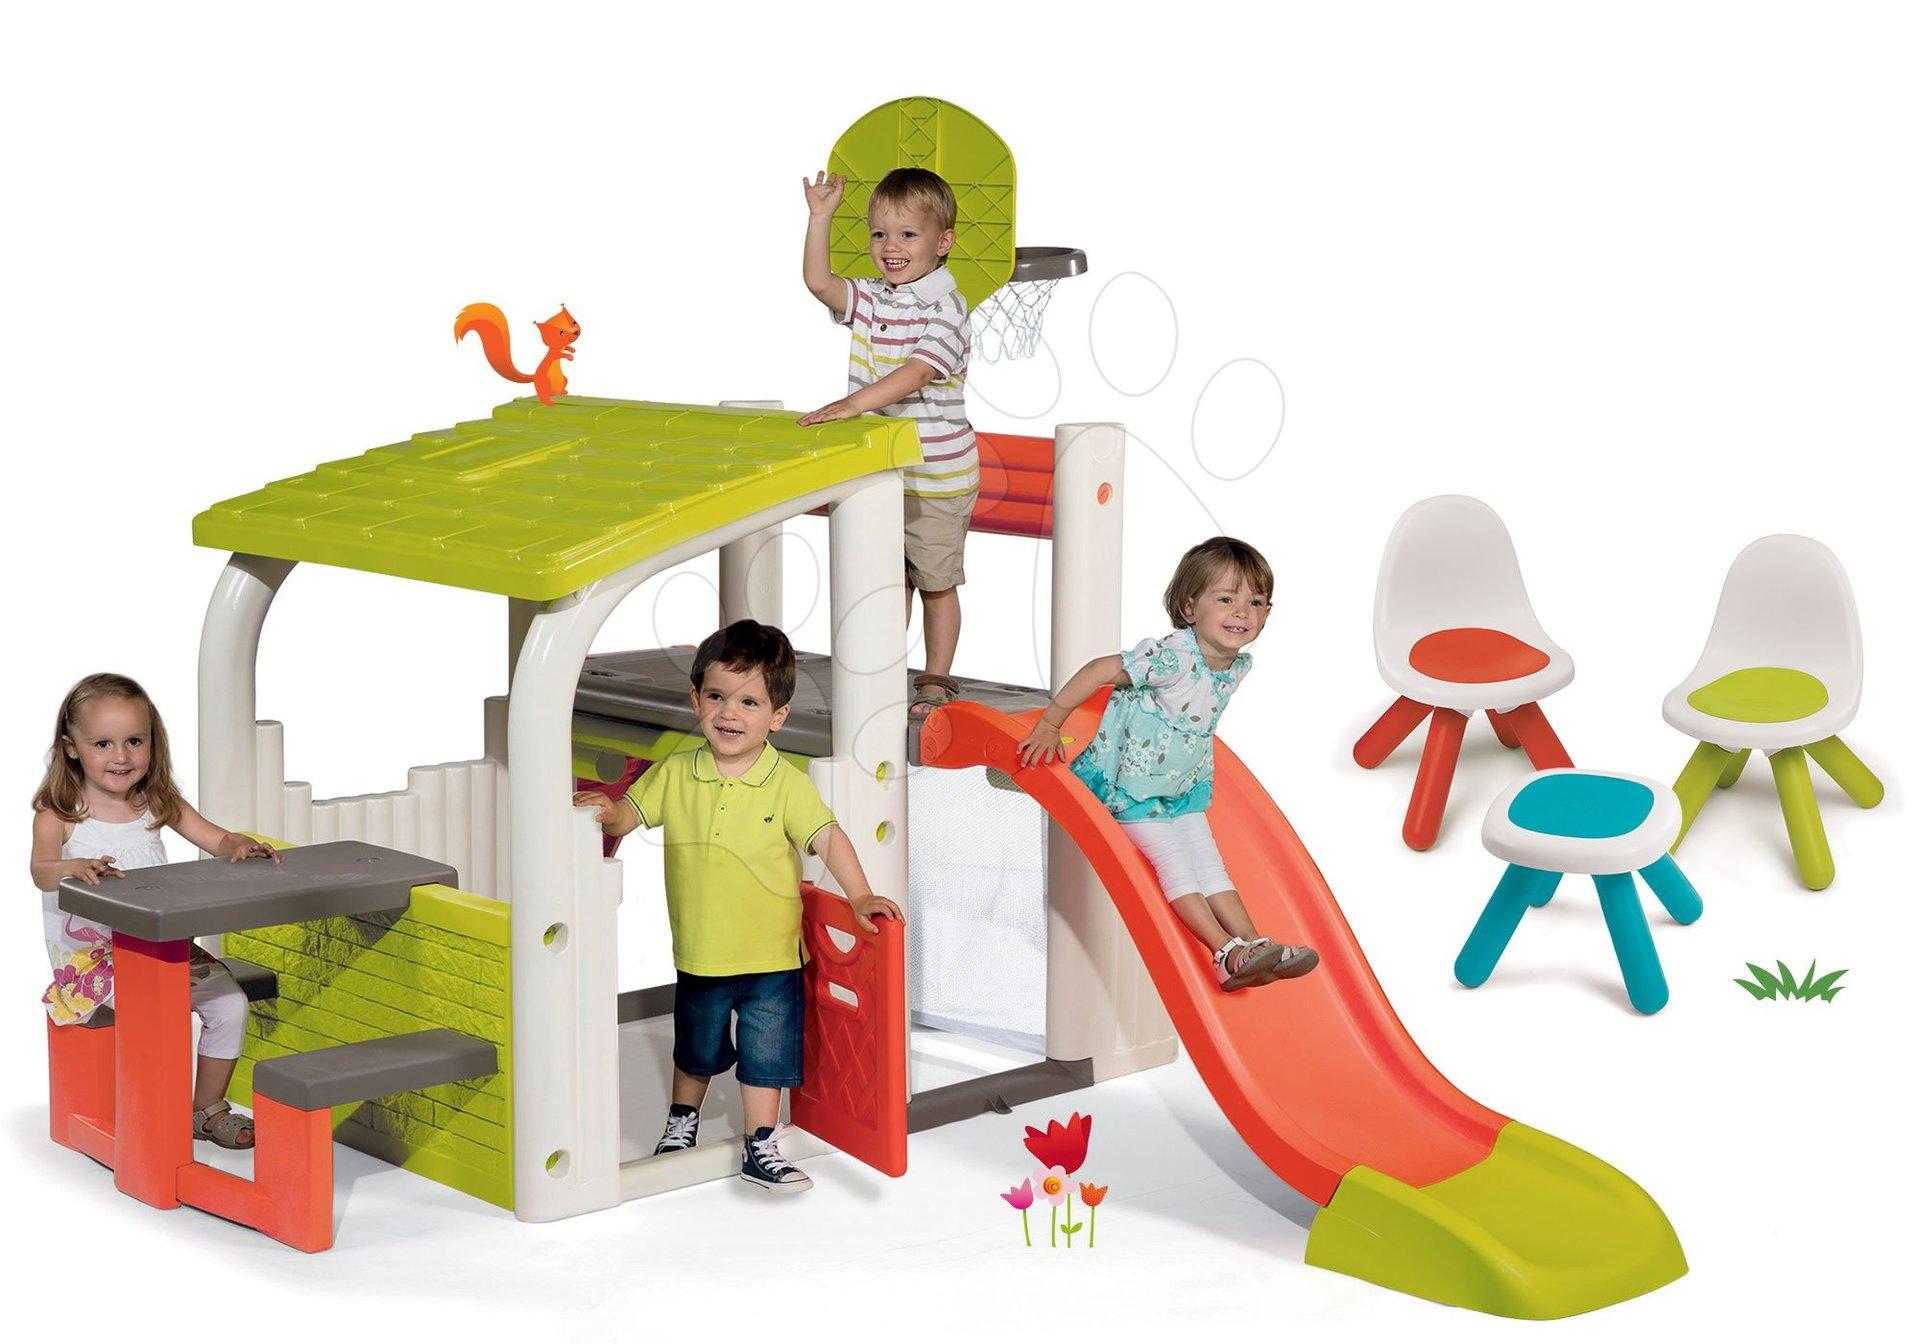 Hracie centrá - Set hracie centrum Fun Center Smoby so šmykľavkou dlhou 150 cm a Piknik stolík s dvoma stoličkami KidChair Red od 24 mes